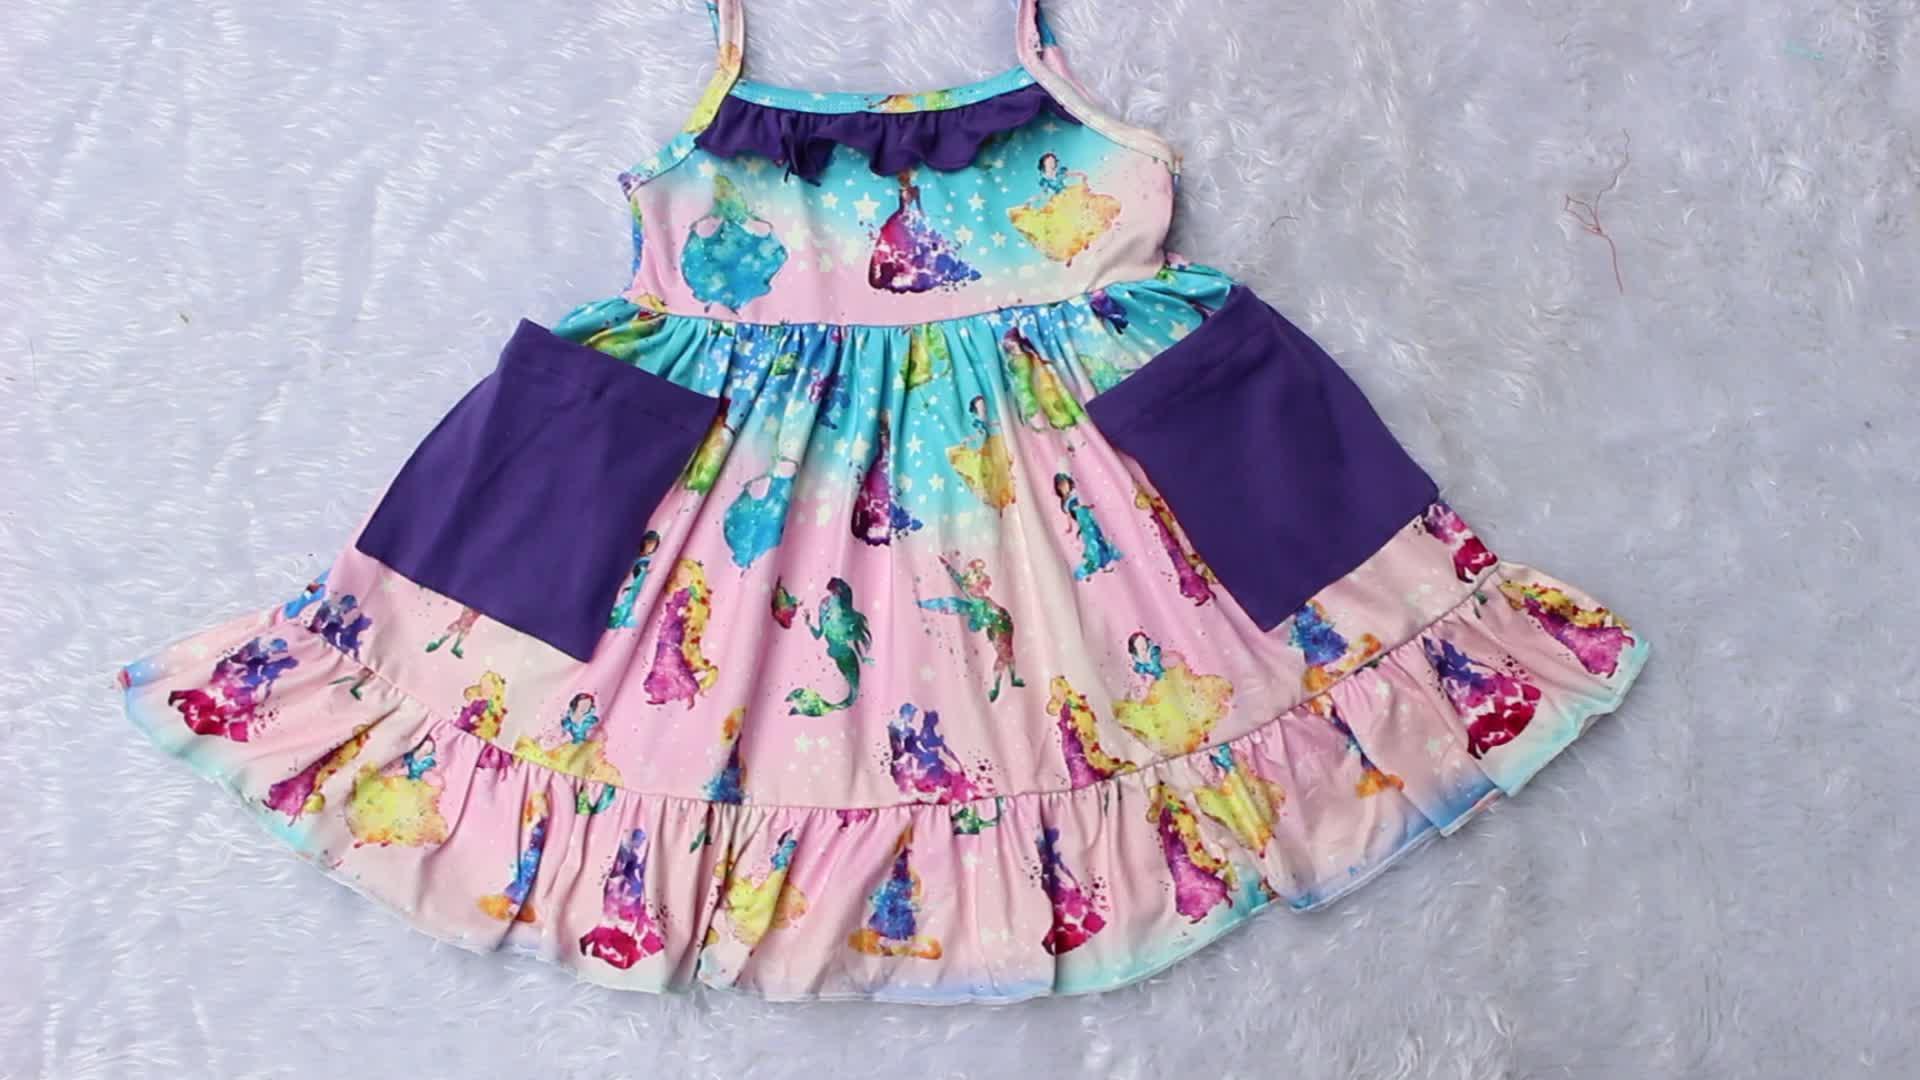 Toptan kız elbise bebek parti çarpıntı fırfır bebek pamuk elbise çocuk bahar 3/4 kollu yaz butik Maxi elbise